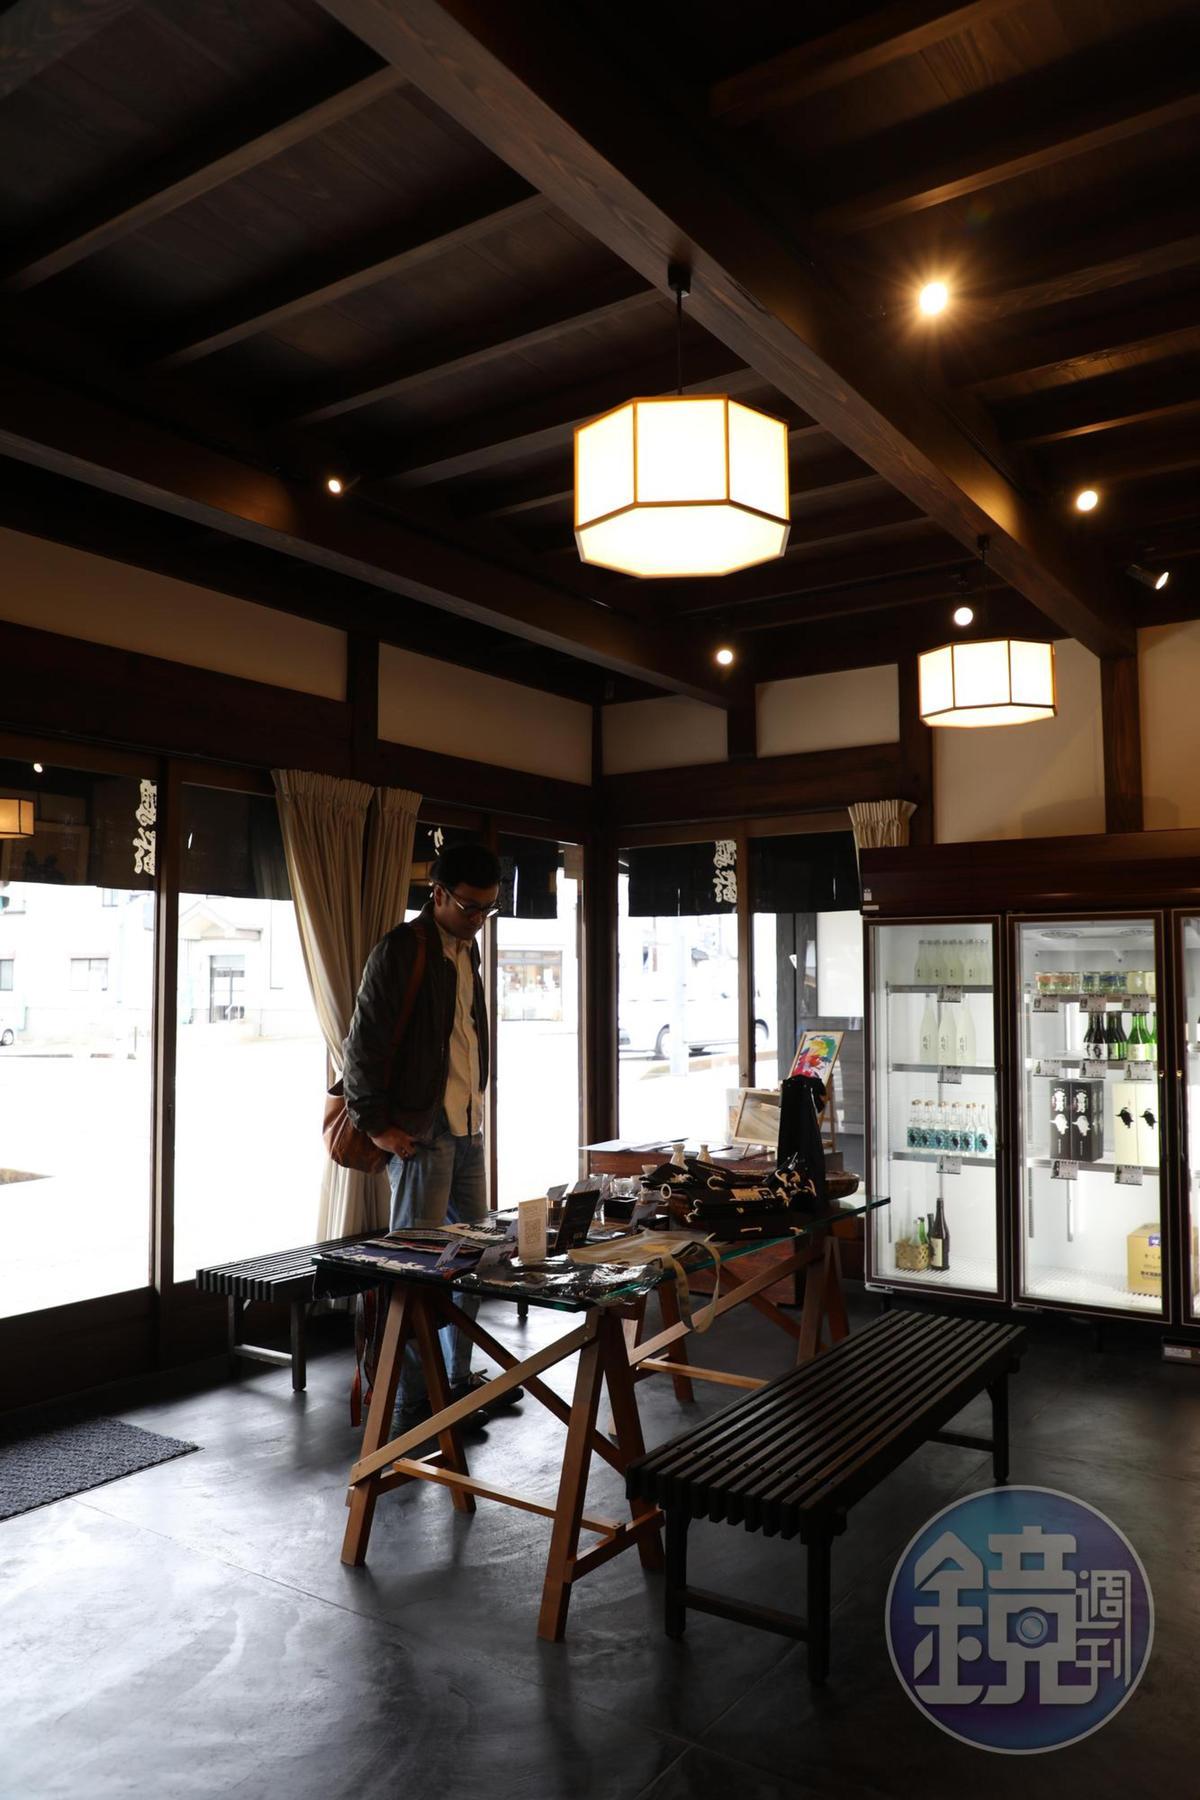 這家是賣酒的「青木酒造」,可以買到各種新潟地酒。